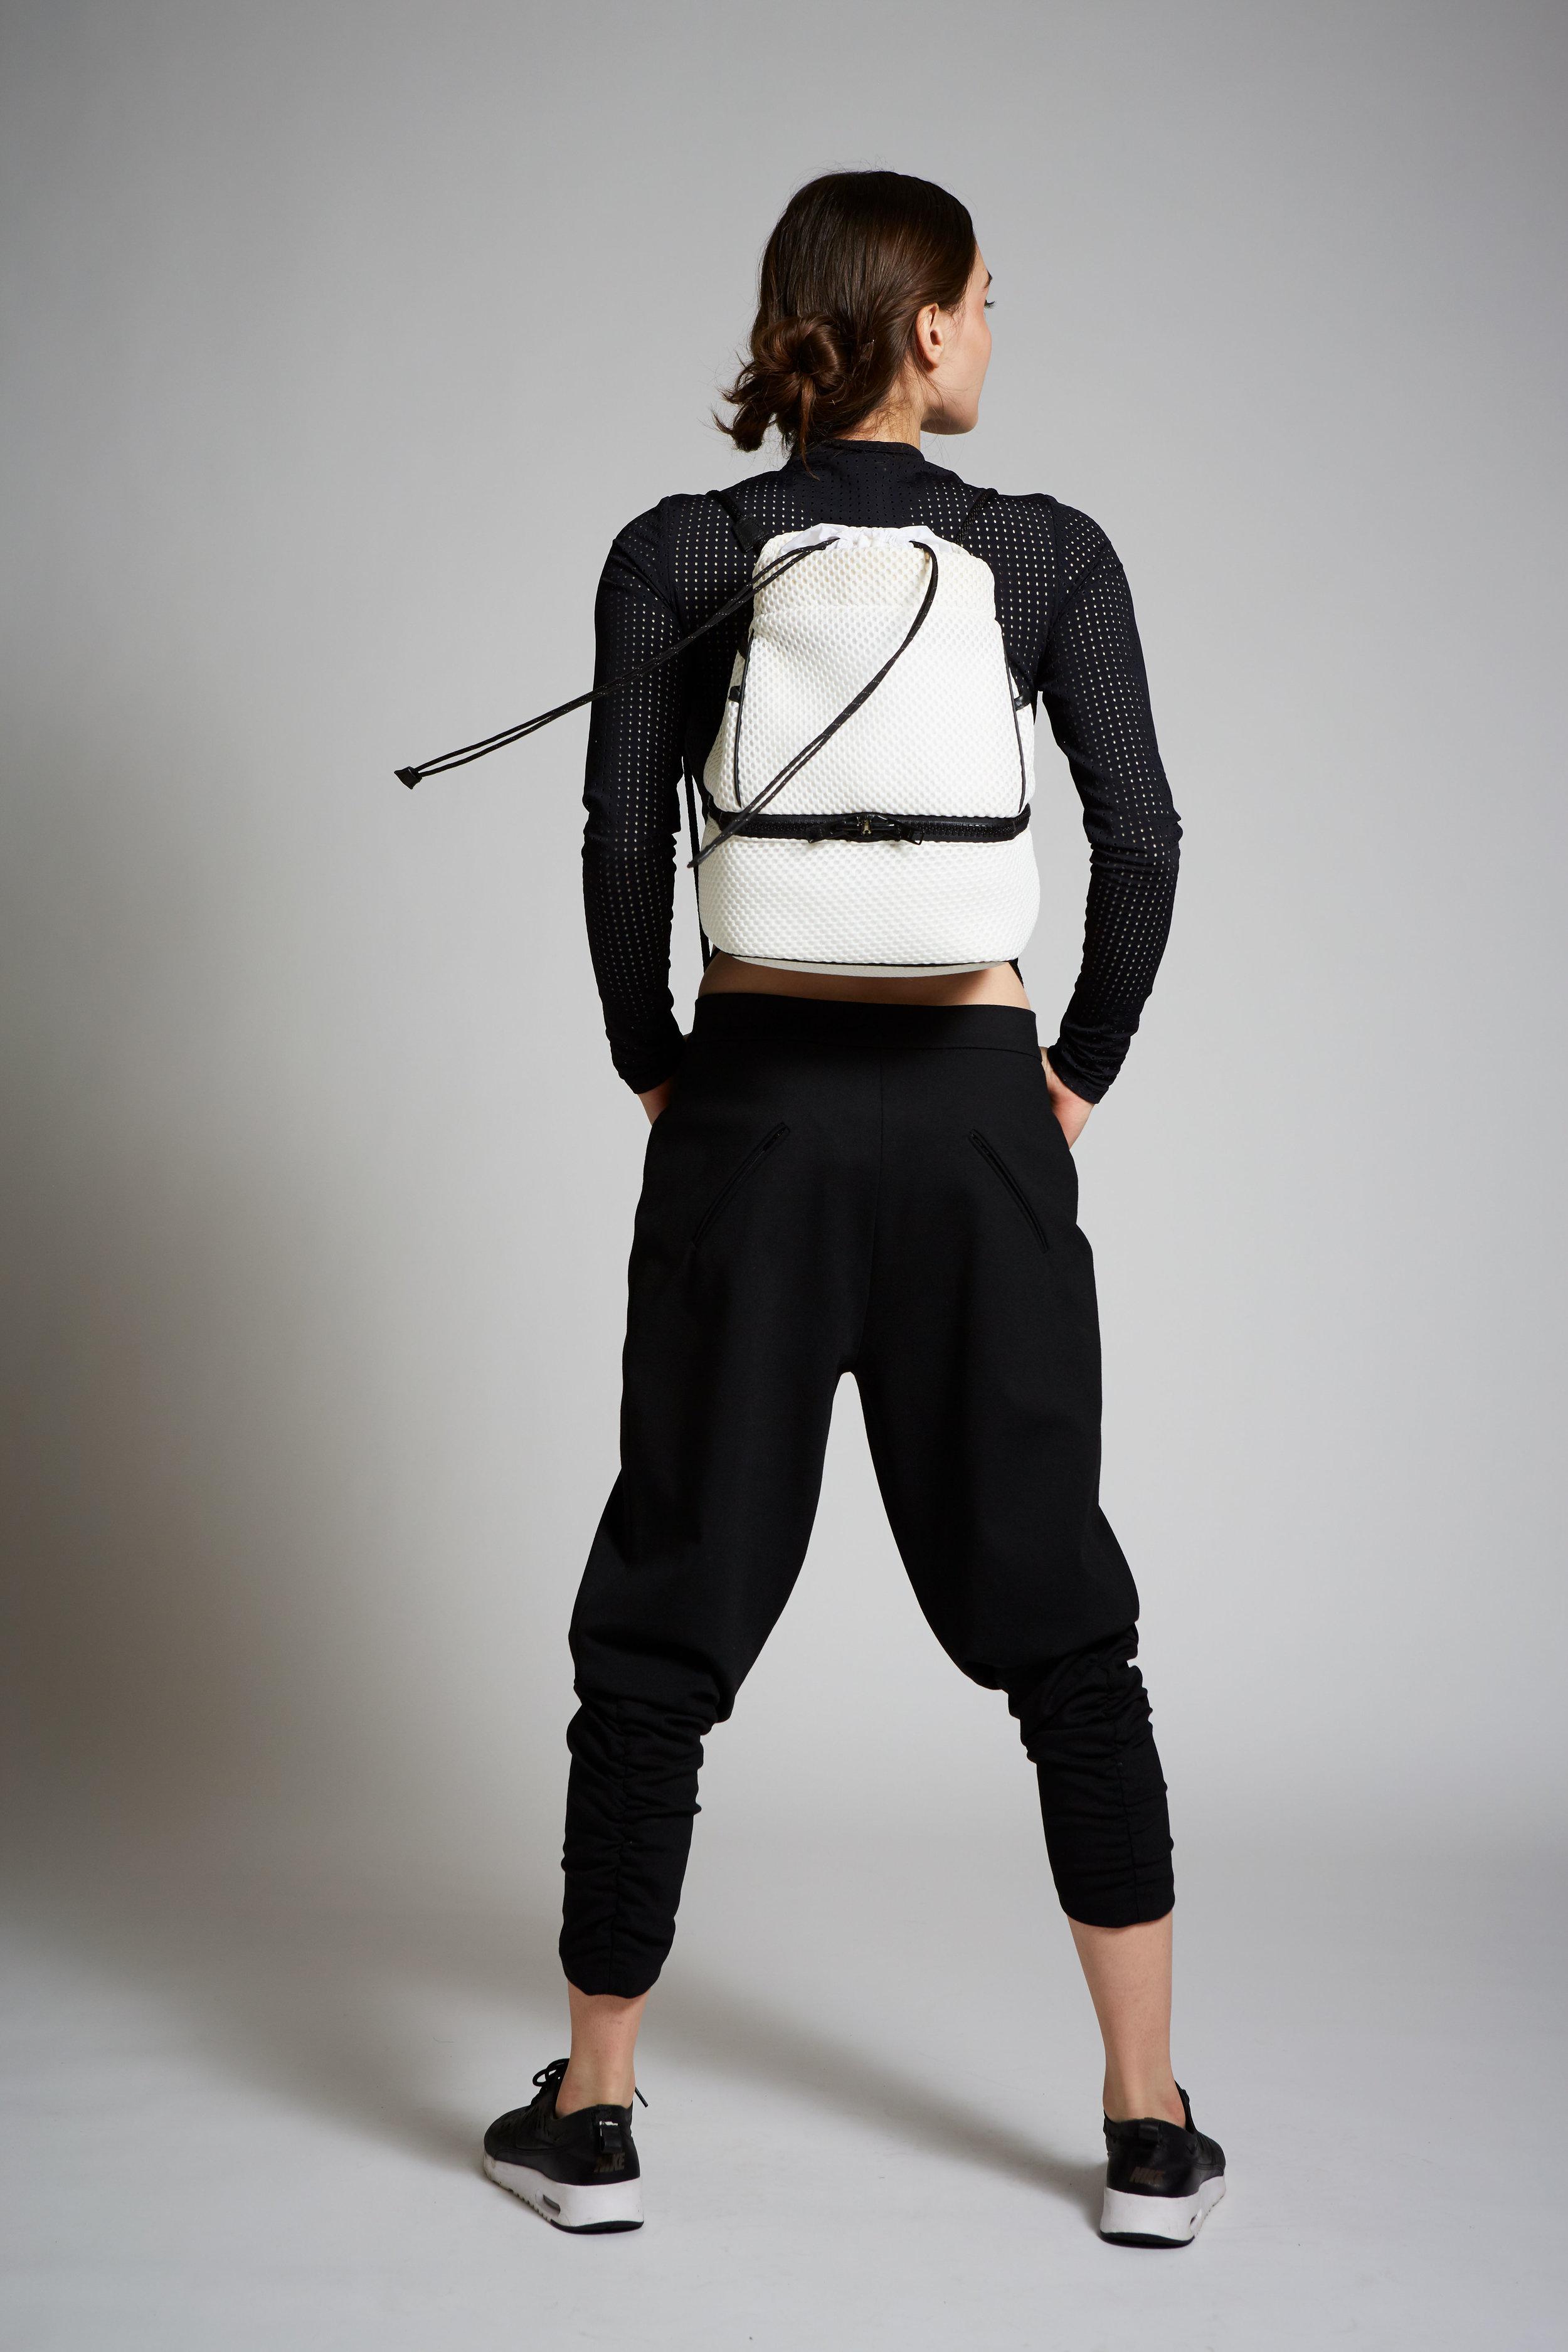 white-backpack.jpg